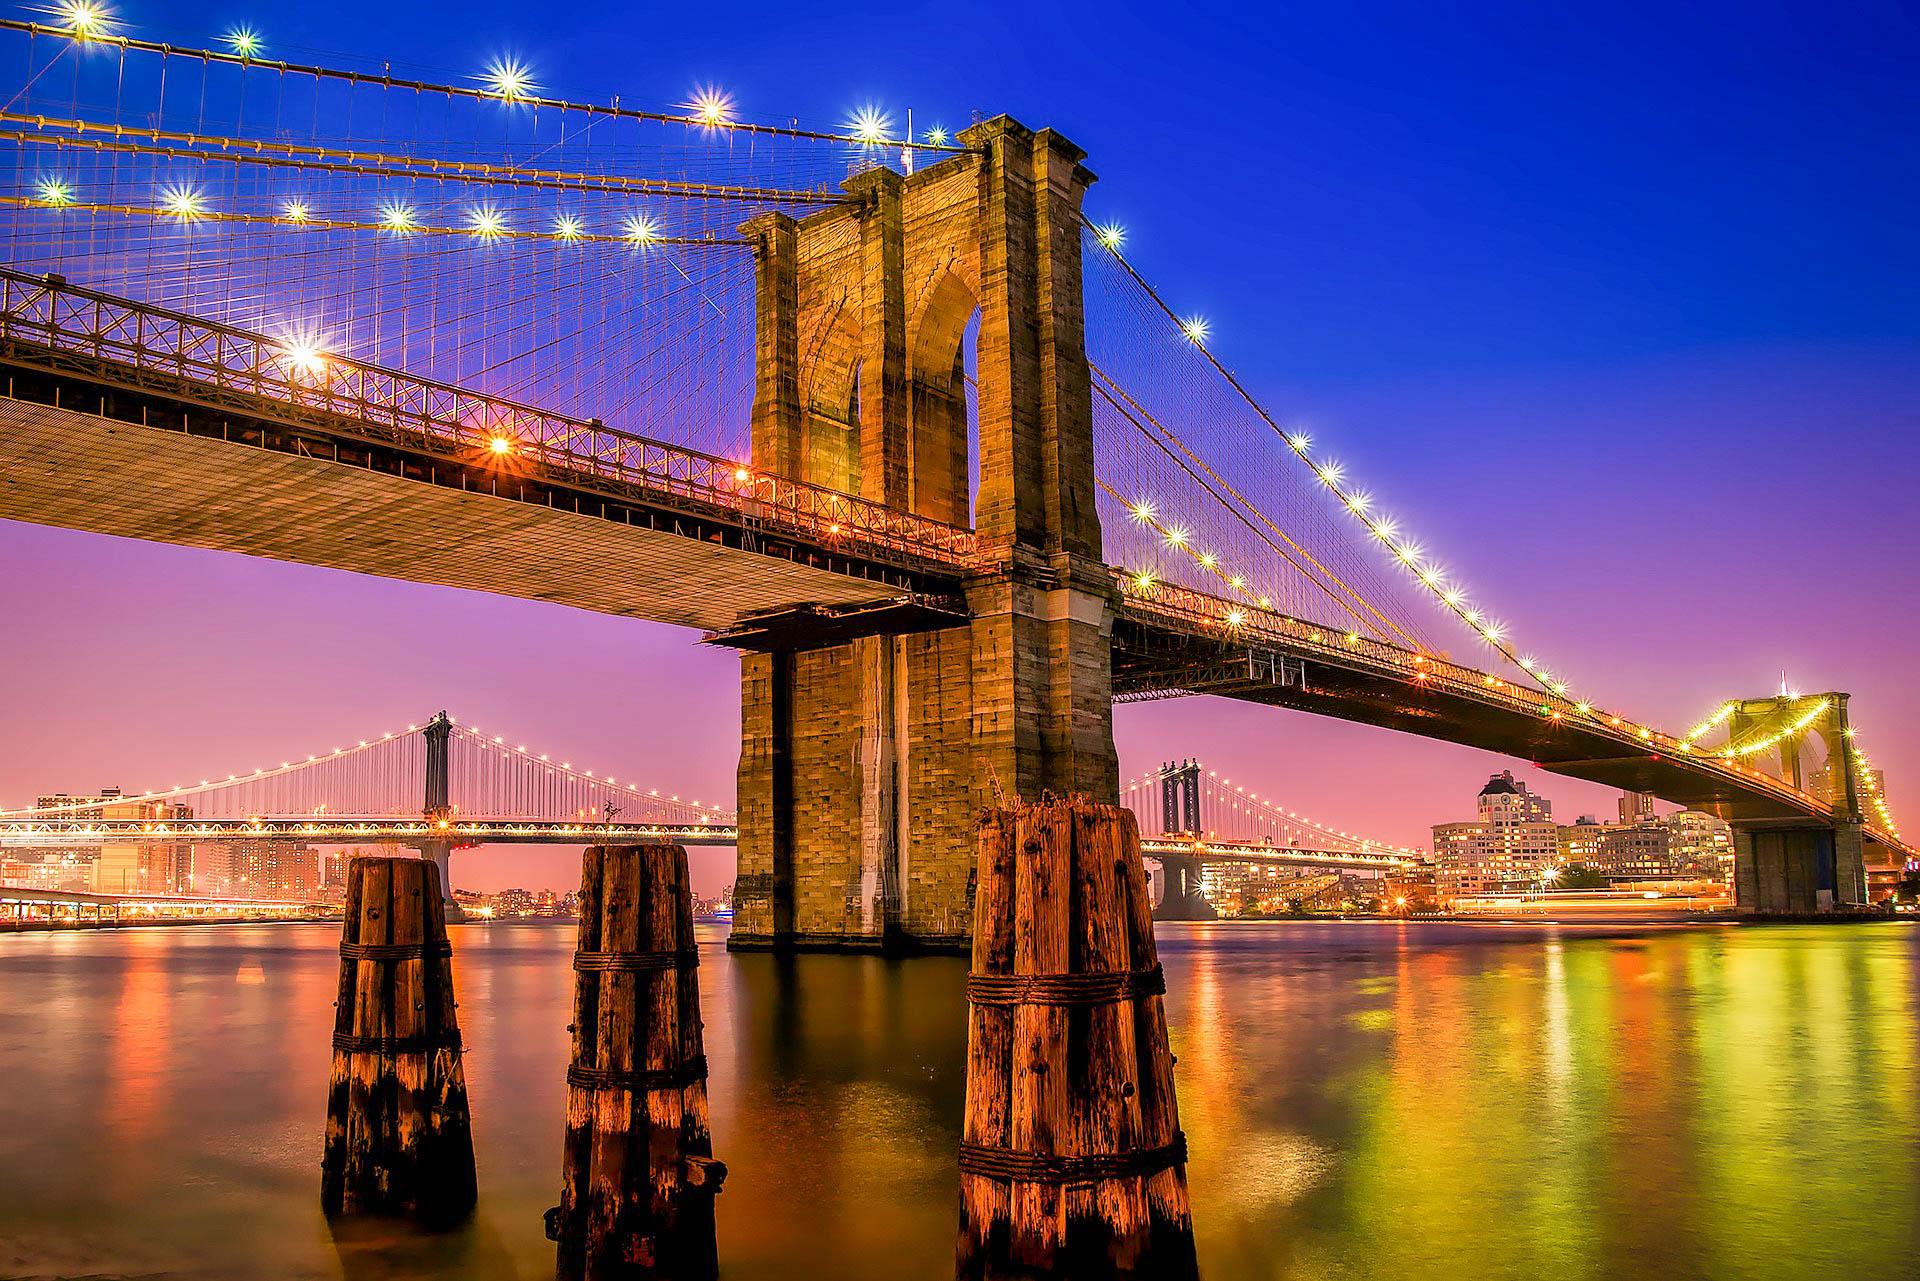 США Нью-Йорк Бруклінський міст